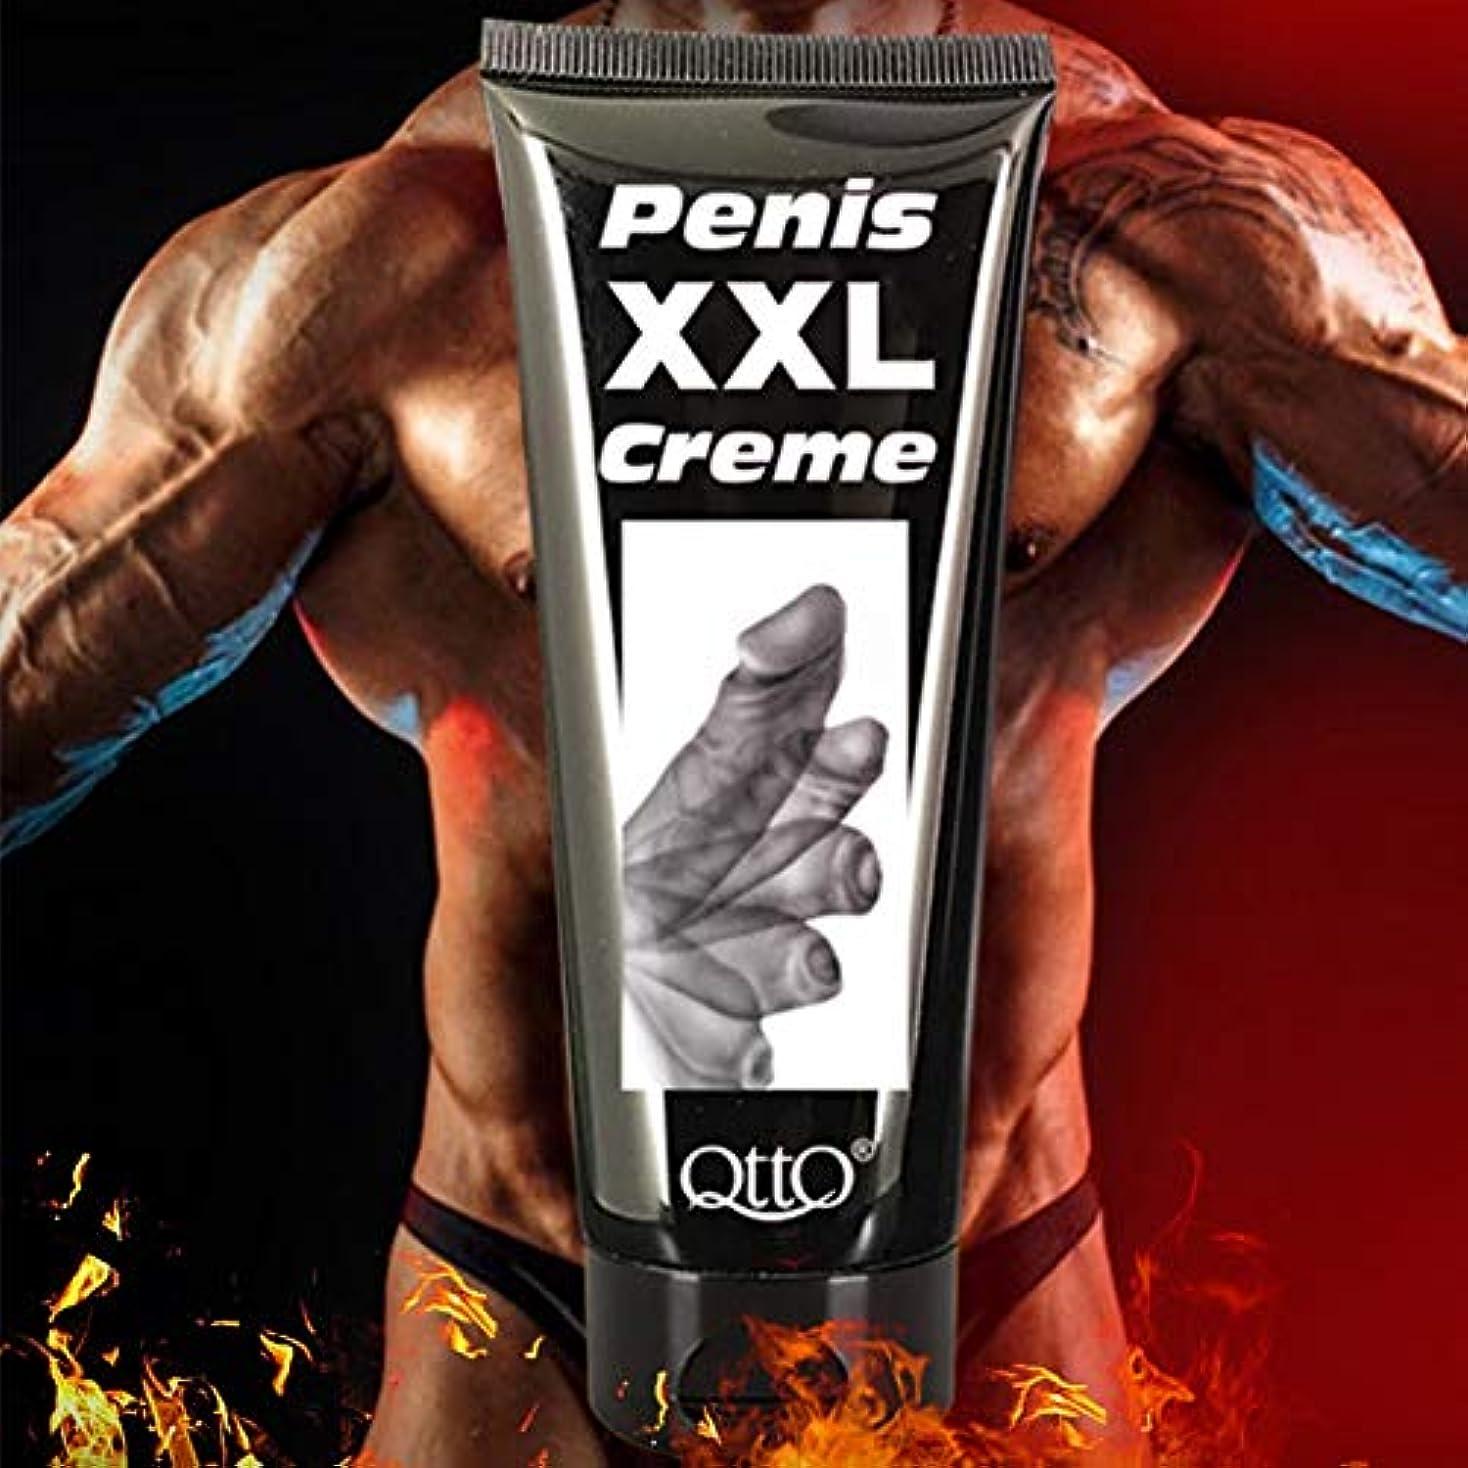 ノイズキャリア領事館Balai 男性用 ペニス拡大 クリームビッグディック 濃厚化成長強化パフォーマンス セックス製品